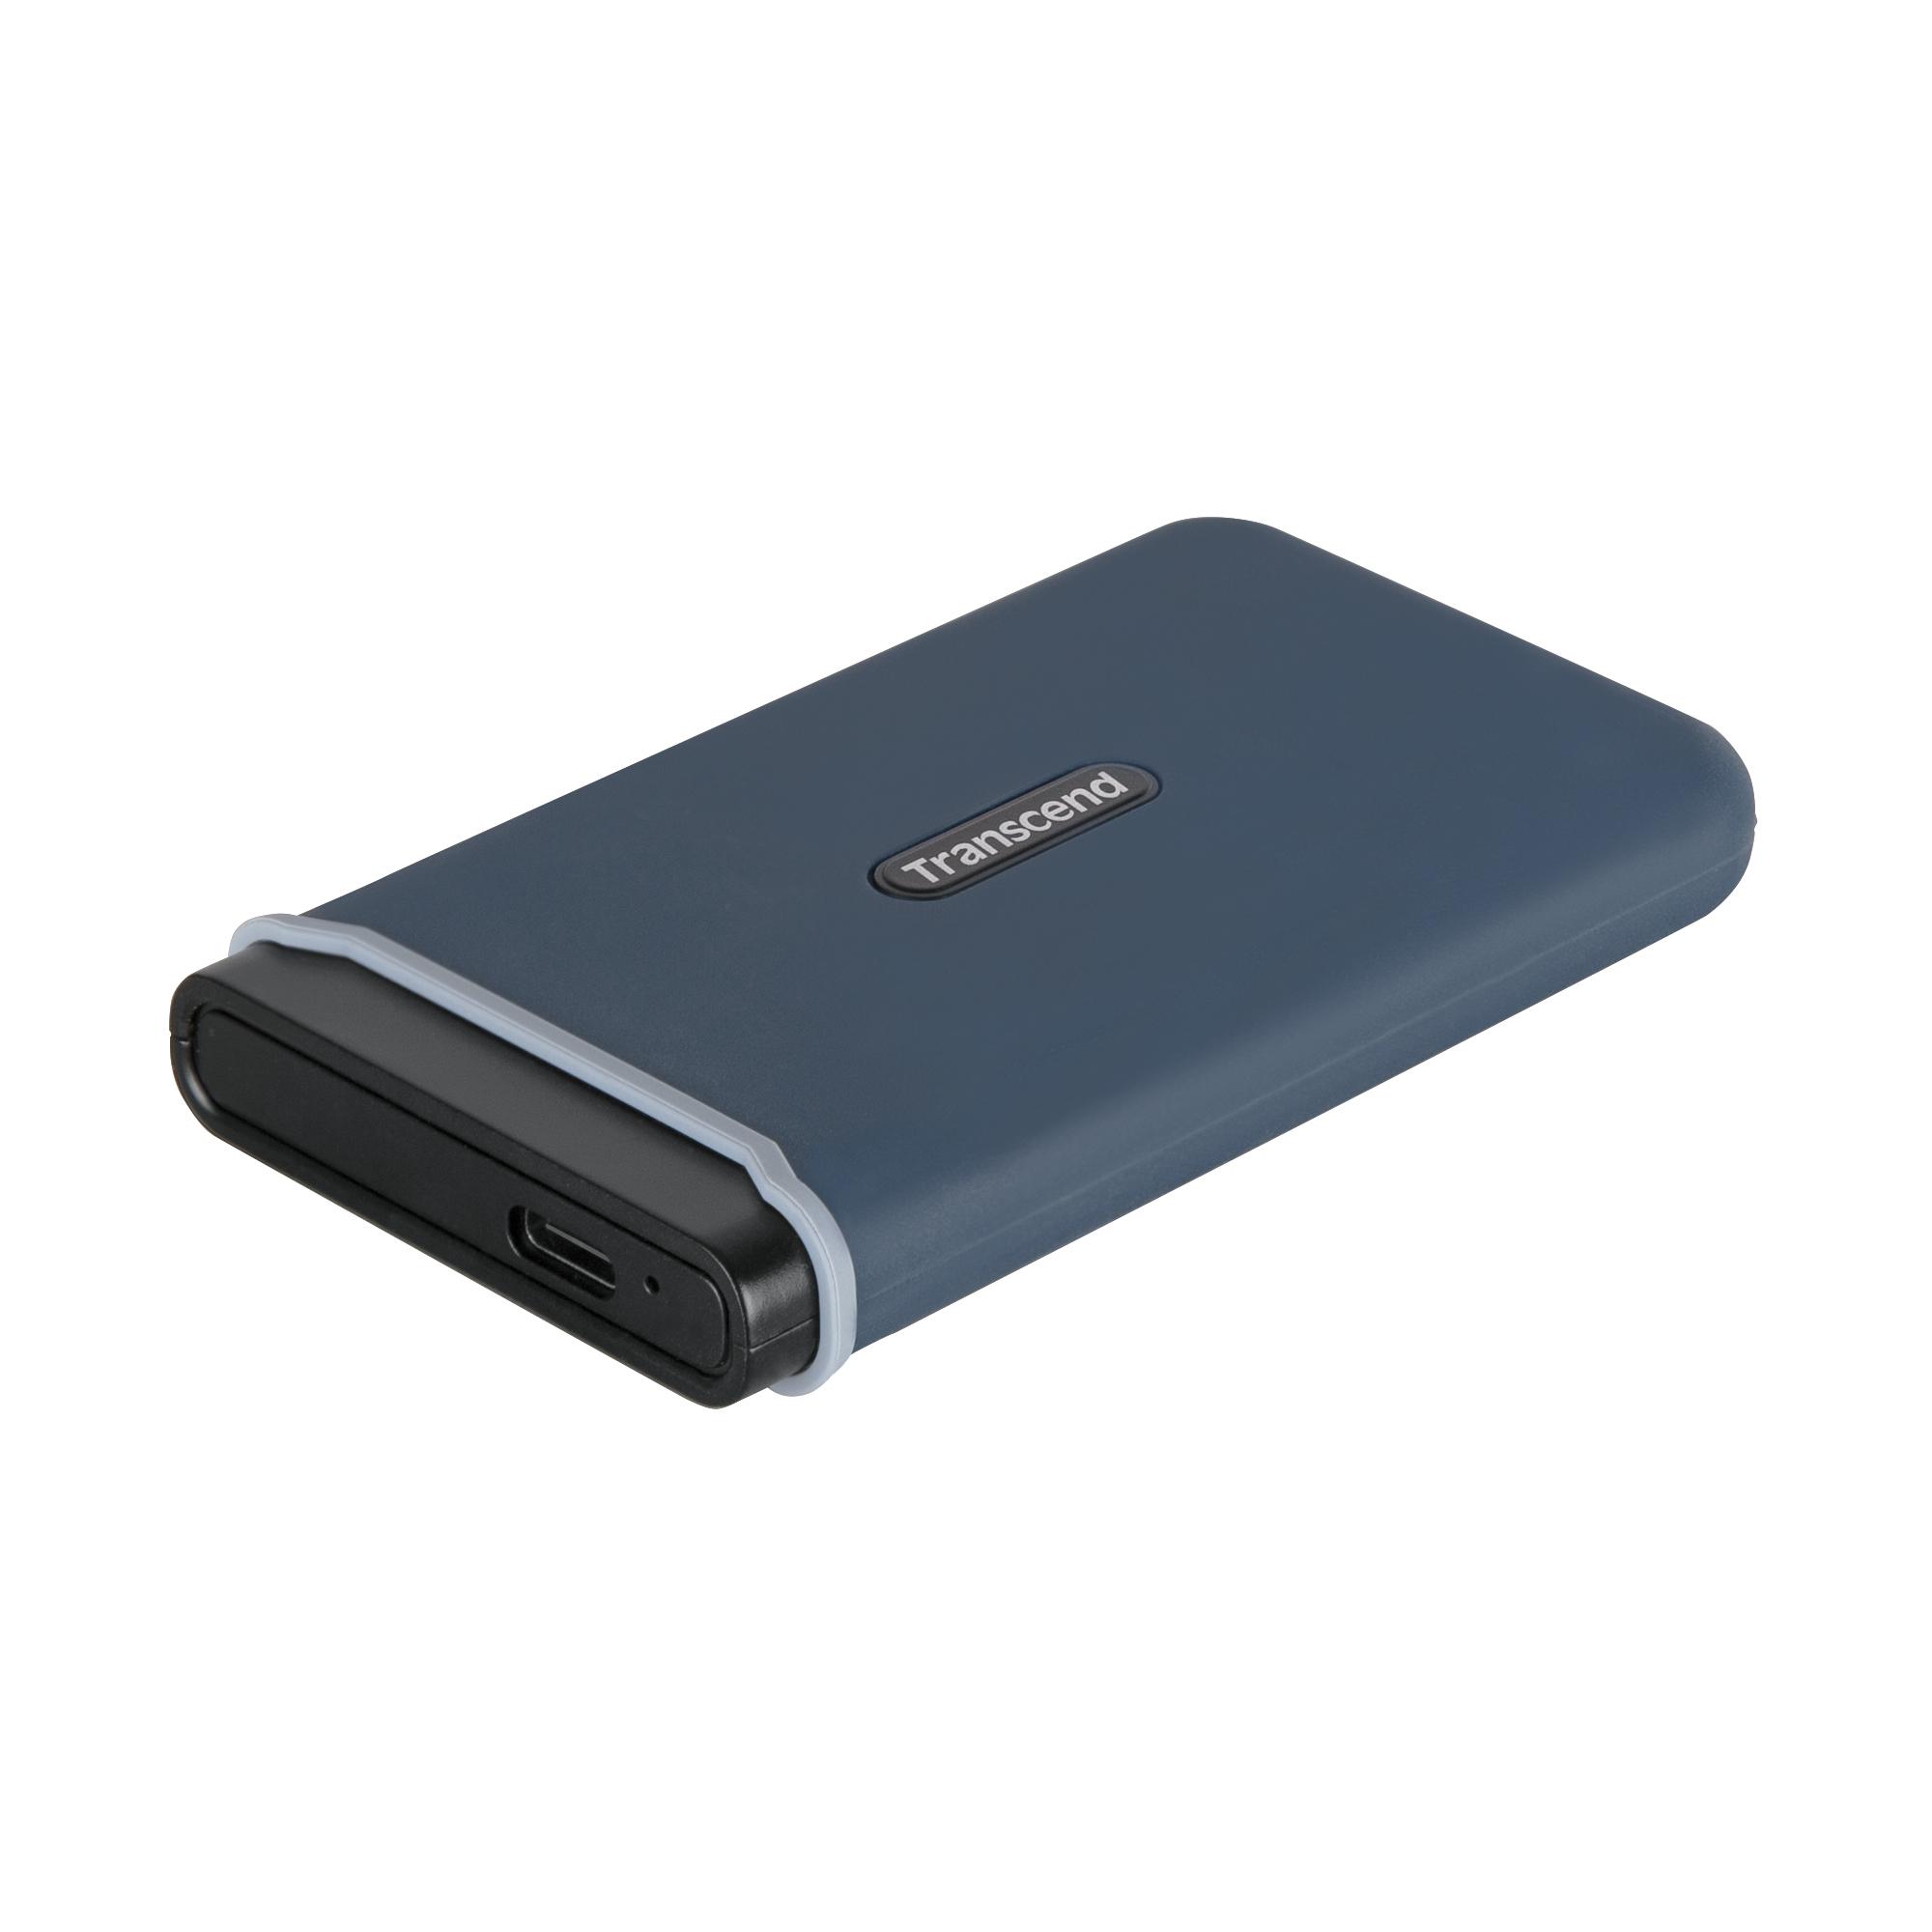 Ổ Cứng Di Động SSD Transcend ESD350C 240GB TLC USB 3.1 - TS240GESD350C - Hàng Chính Hãng